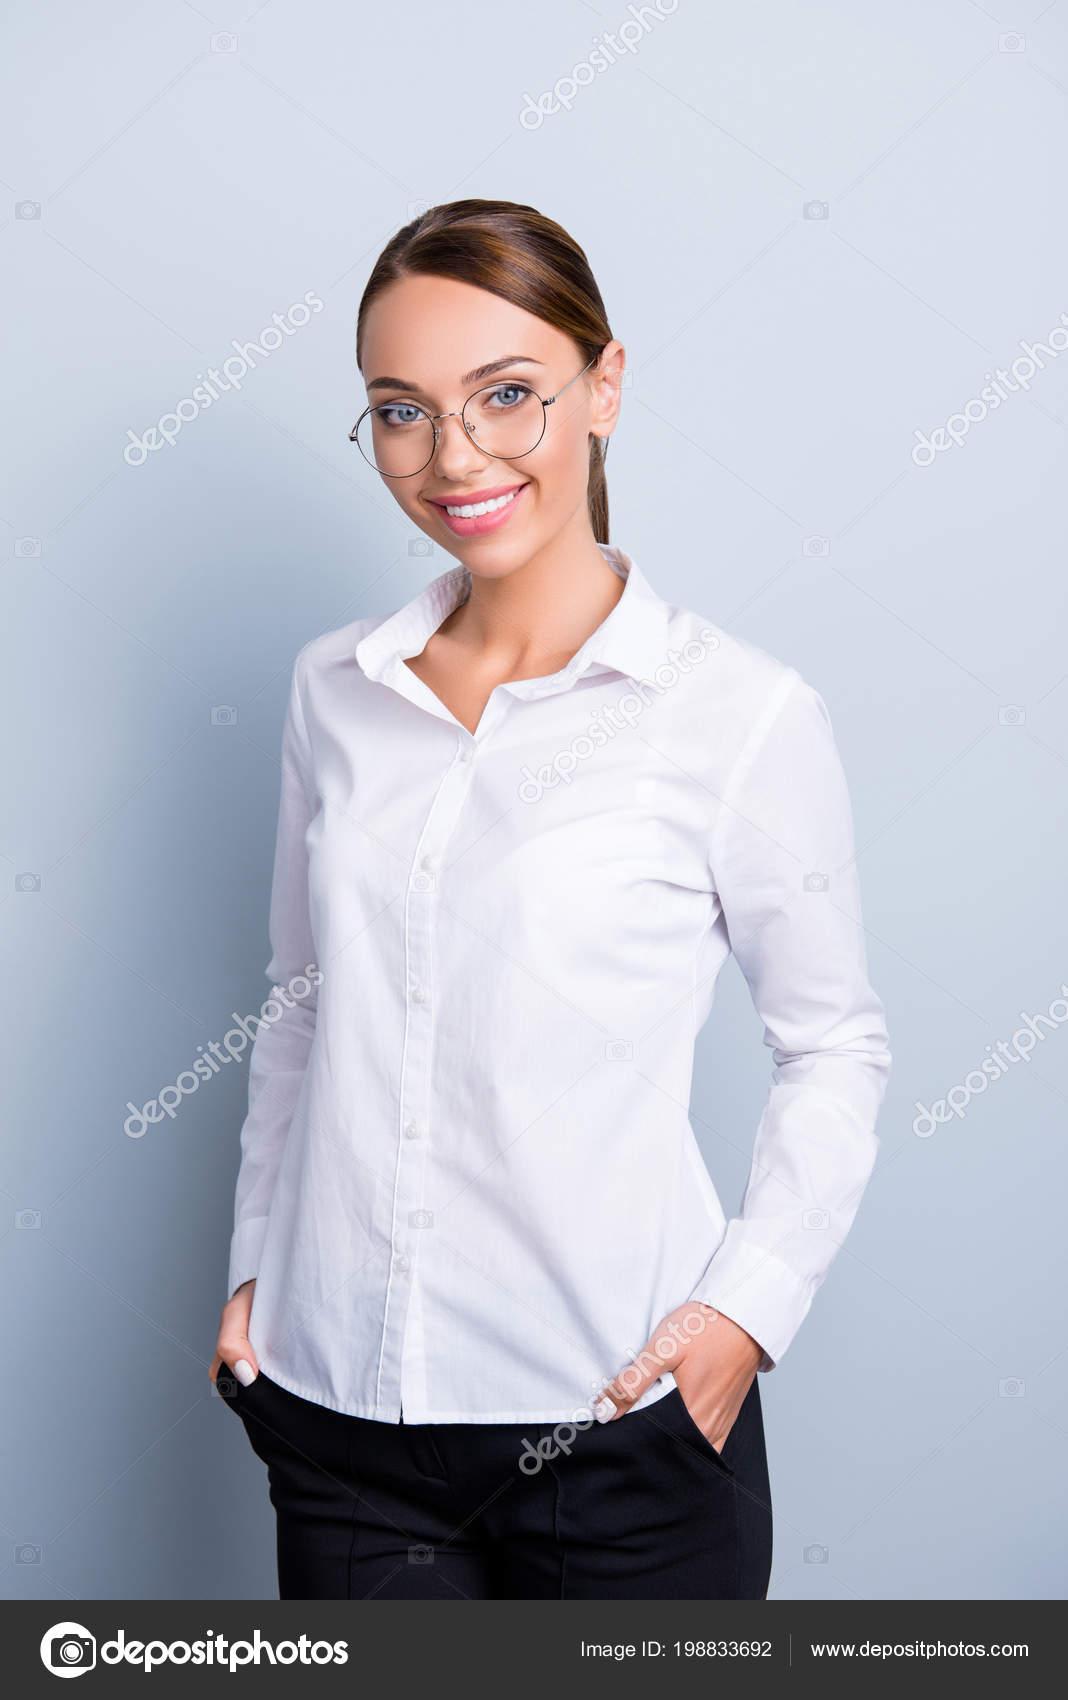 8813777a9961ac ... camicia bianca classica che tiene due mani nelle tasche dei pantaloni  neri che guarda l'obbiettivo isolato su priorità bassa grigia– immagine  stock